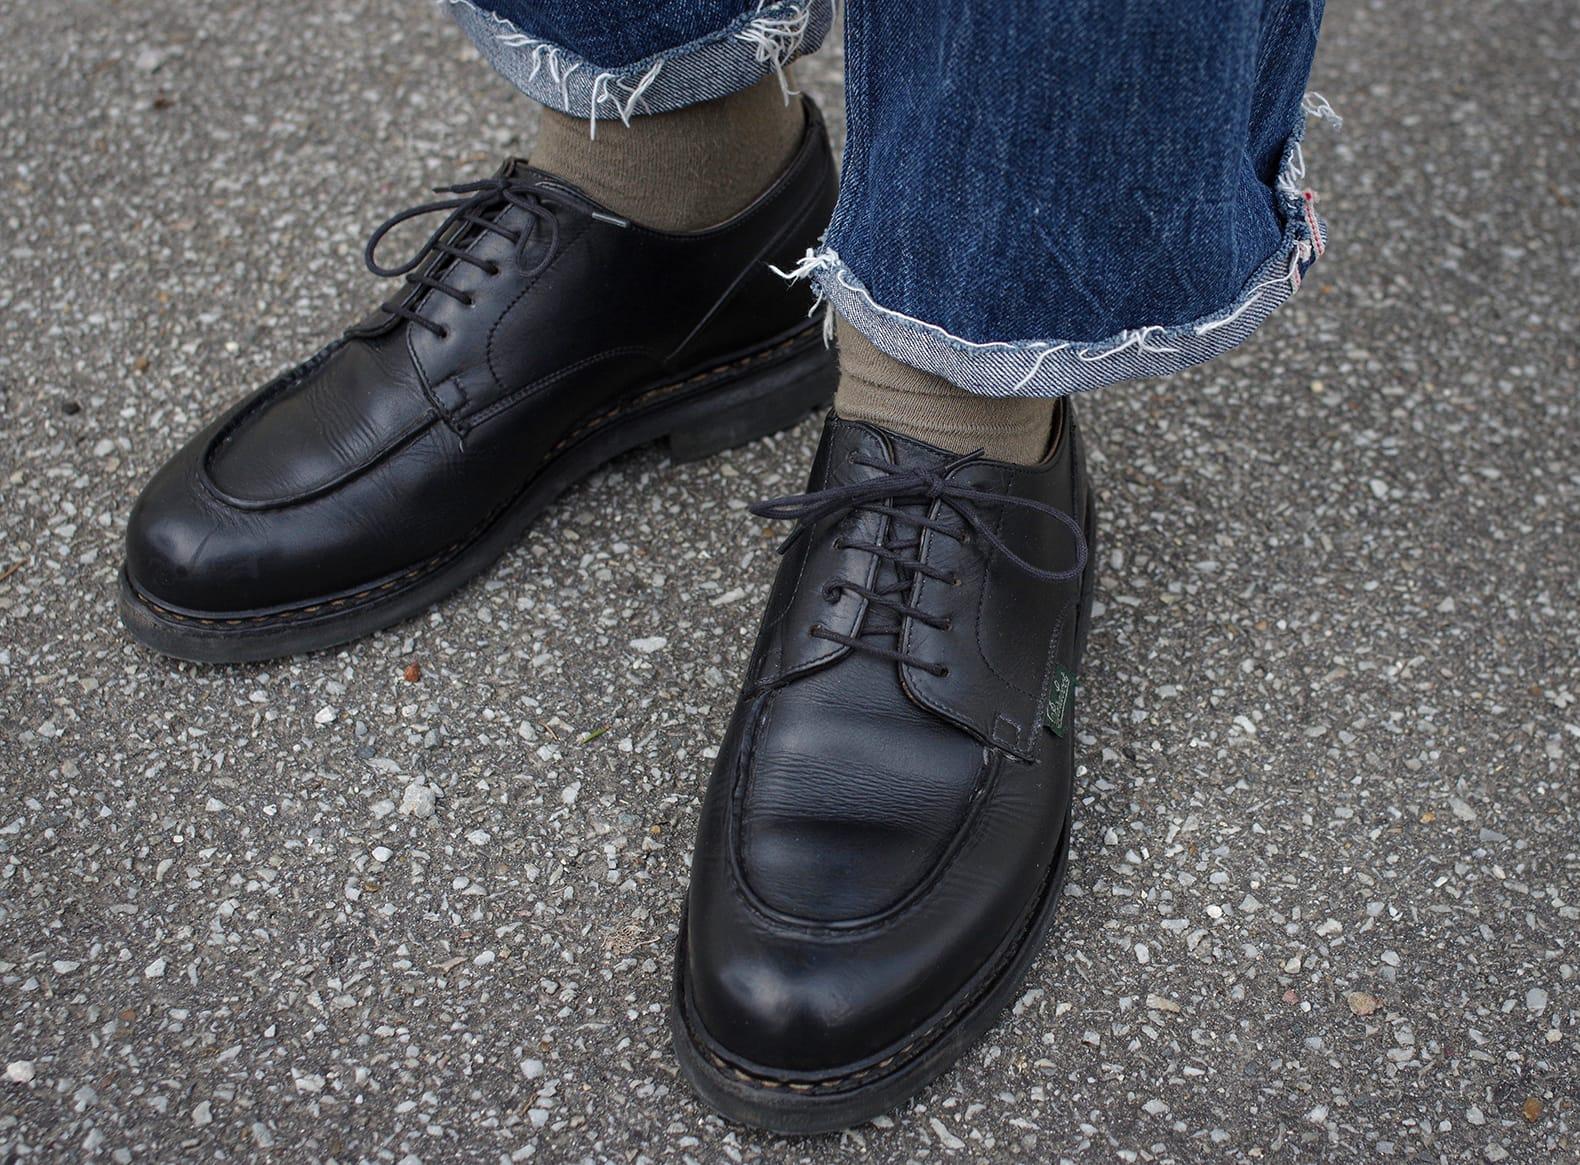 chaussure de la marque française made in France Paraboot et son mythique modèle chambord en couleur noire, portée ici avec un jean coupé bord franc et des chaussettes olive